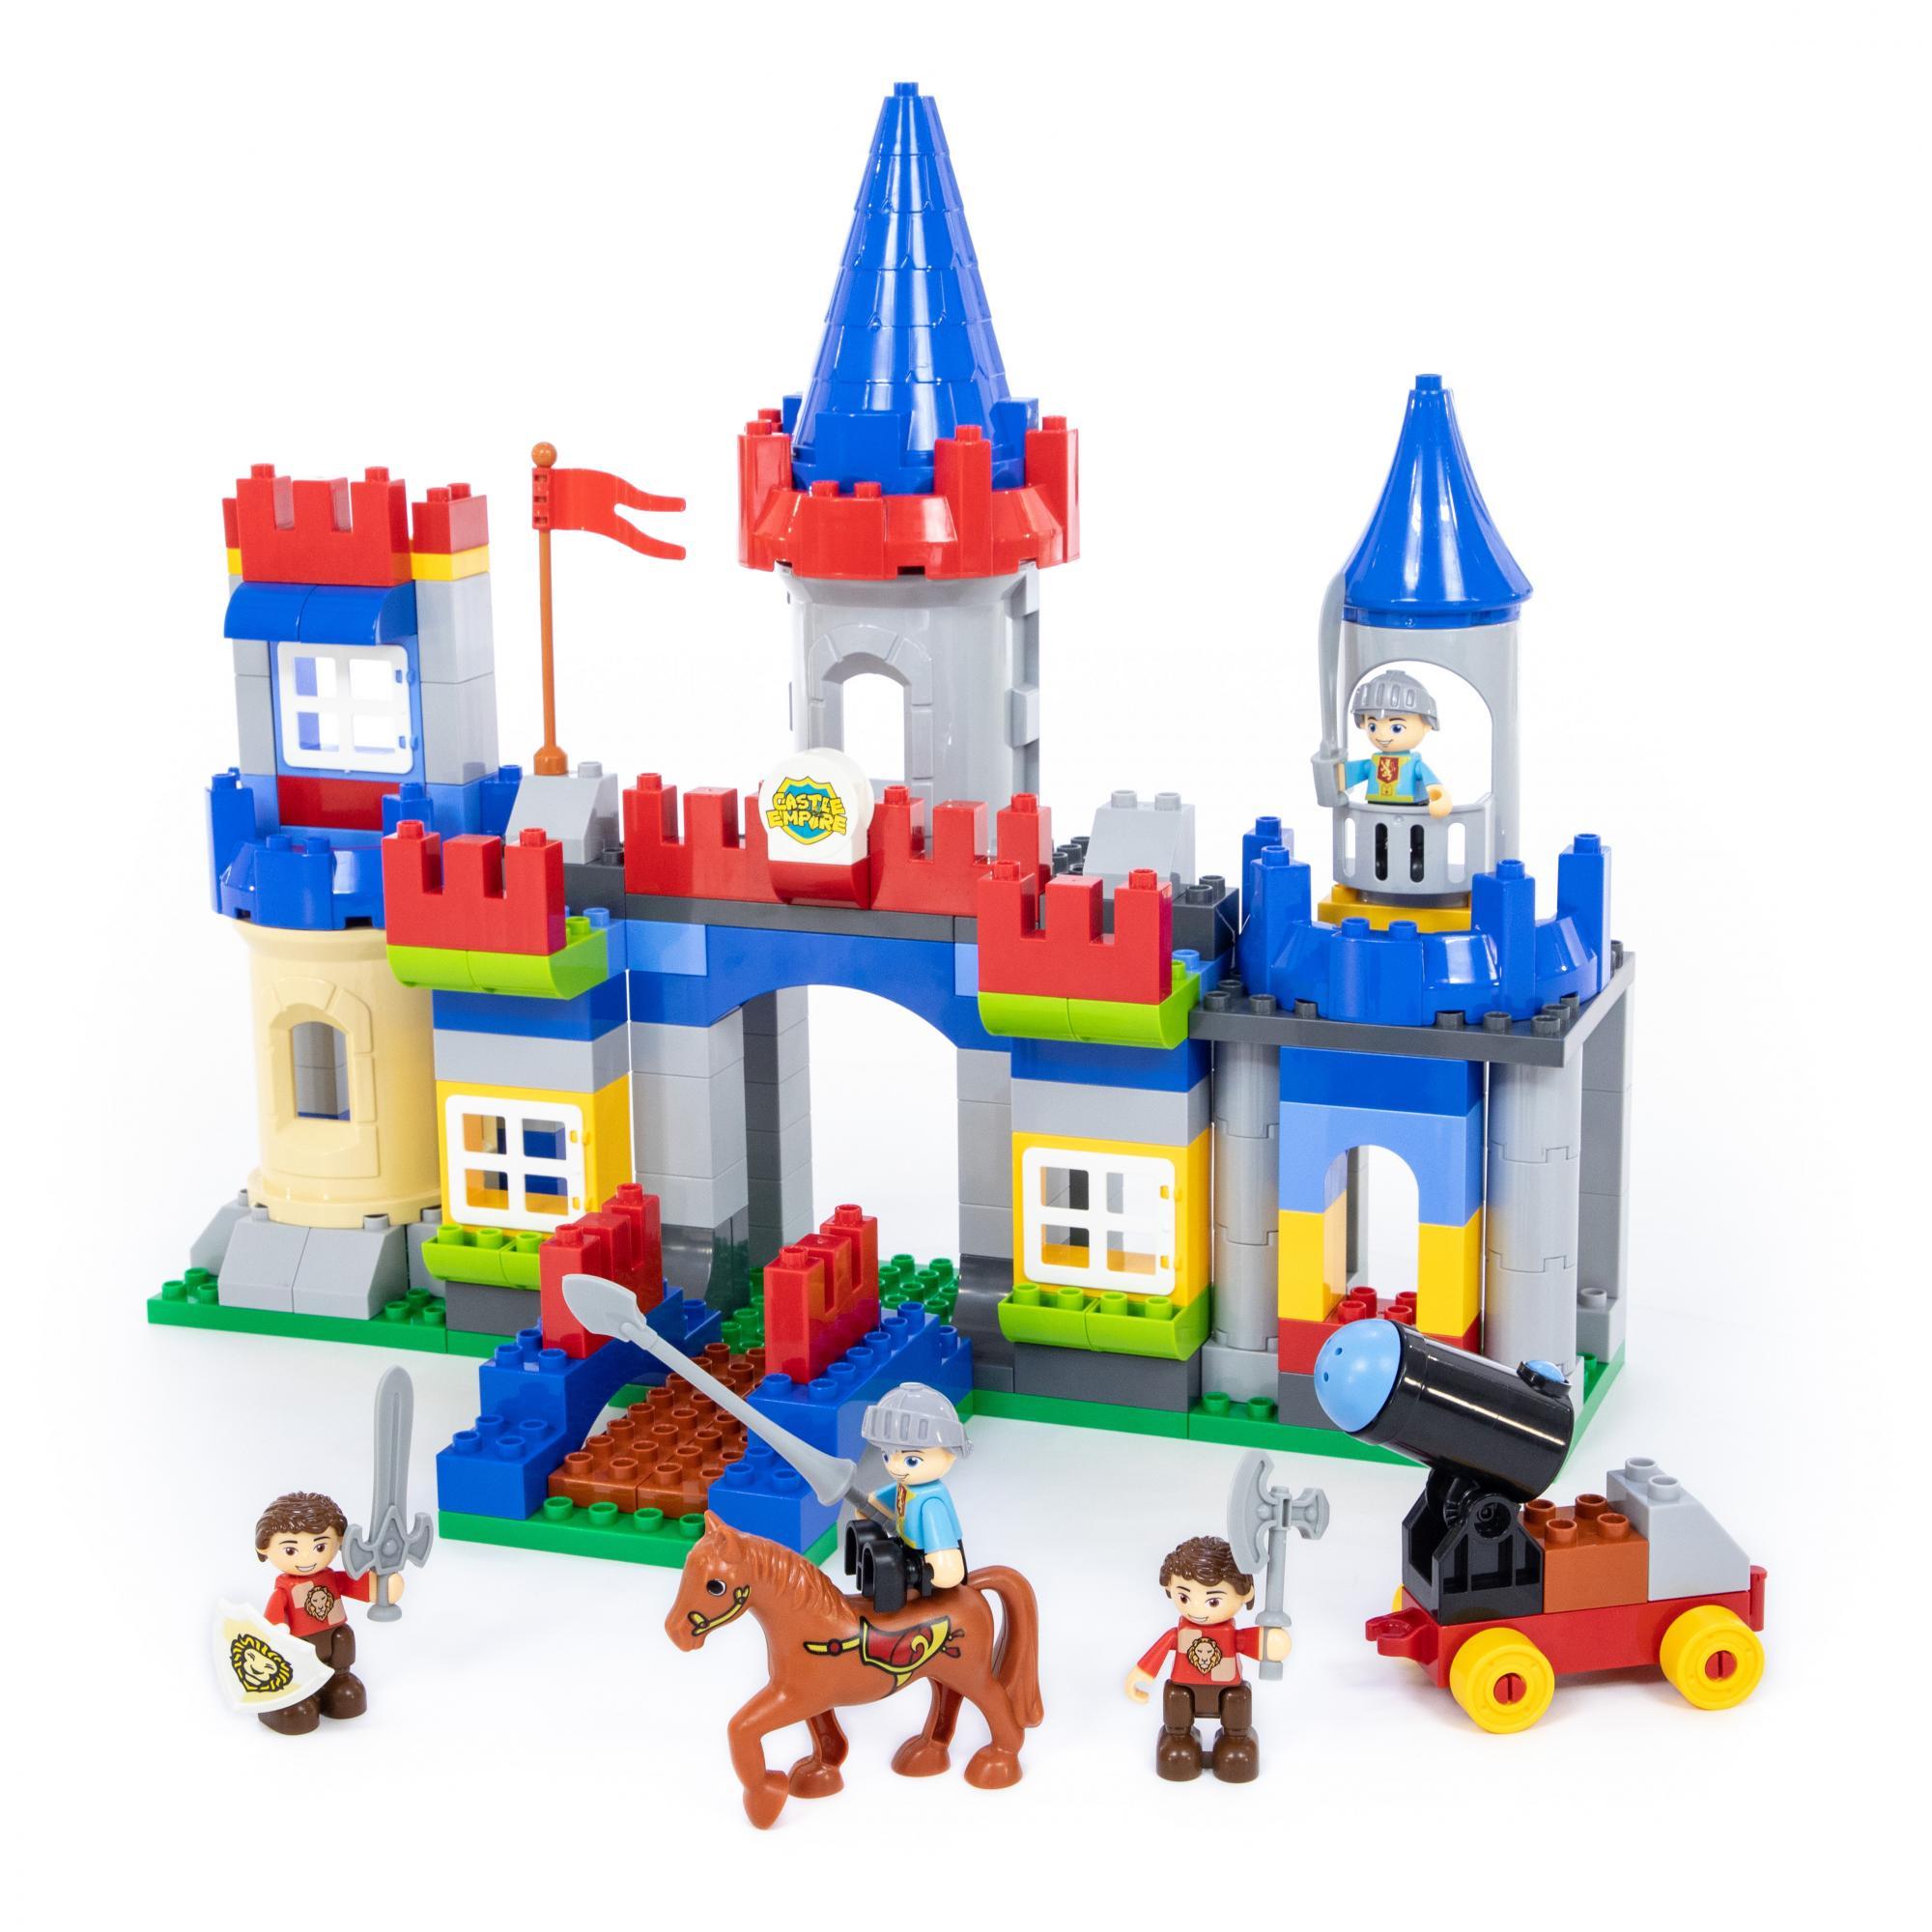 Купить Конструктор Макси – Замок, 169 элементов, Полесье